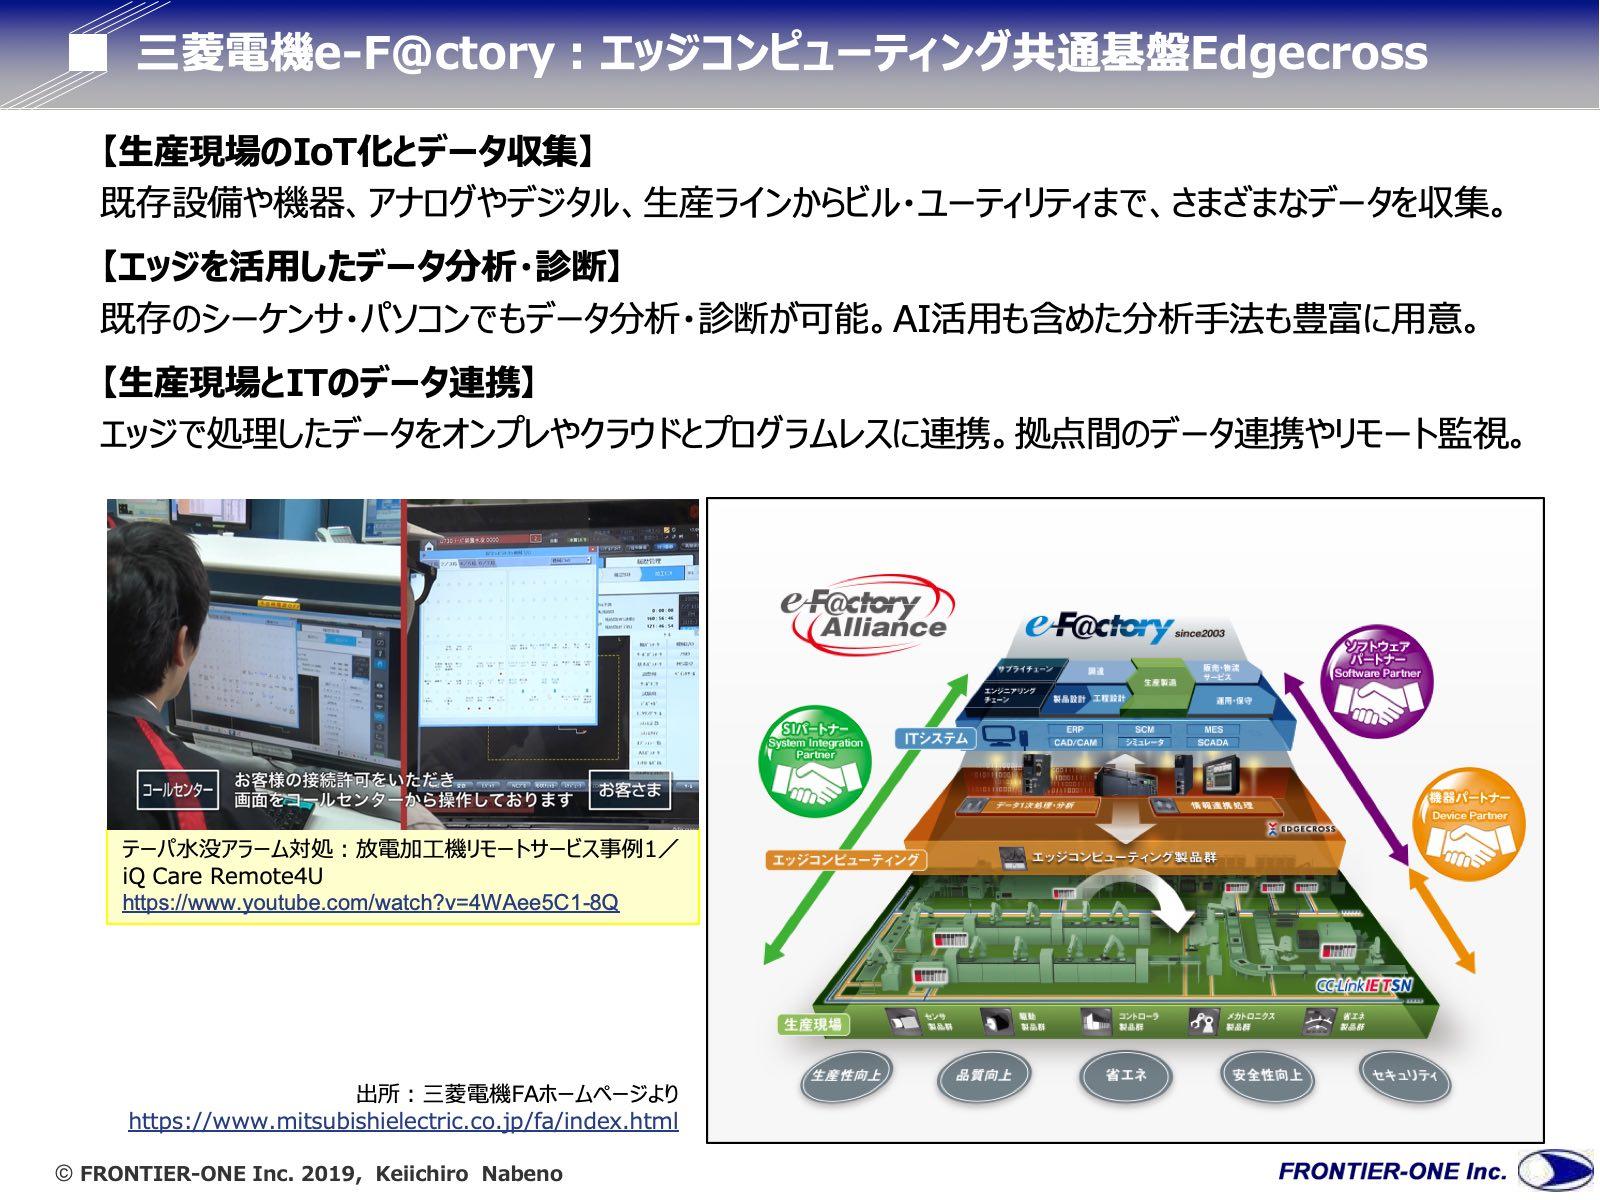 図1 三菱電機e-F@ctoryとエッジコンピューティング共通基盤Edgecross